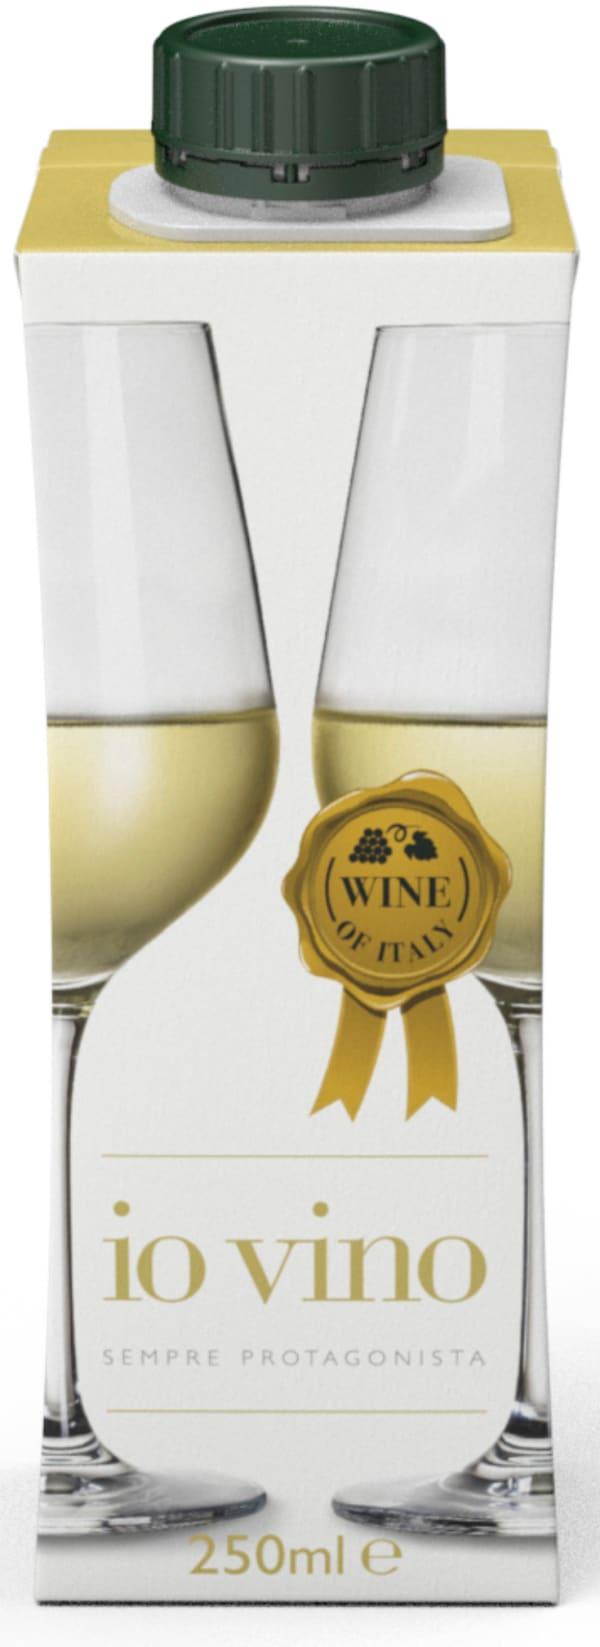 Io Vino Pinot Grigio carton package